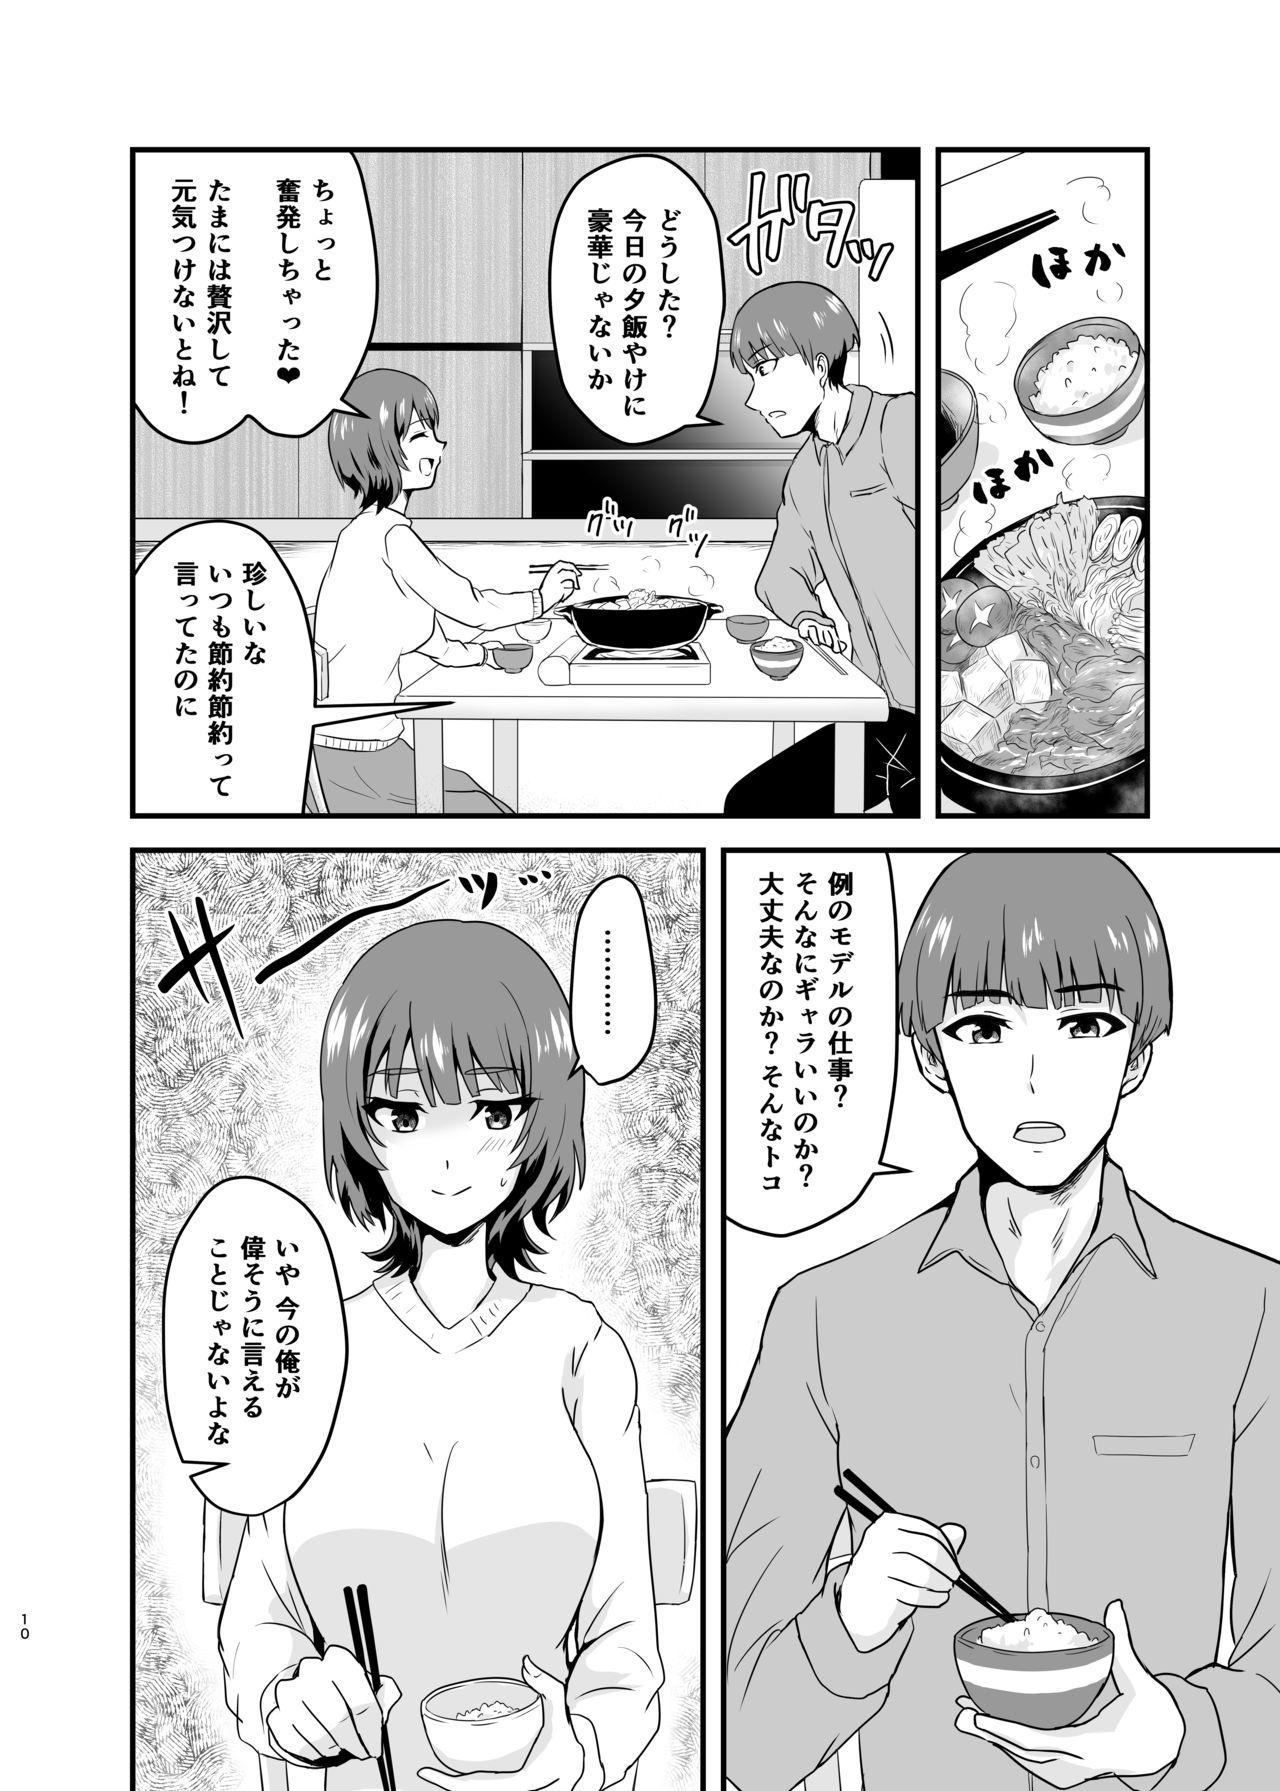 [Hanger Hansha (Yunokawa Yosomi)] Endou-san-chi no Oku-san (SHIROBAKO) [Digital] 9